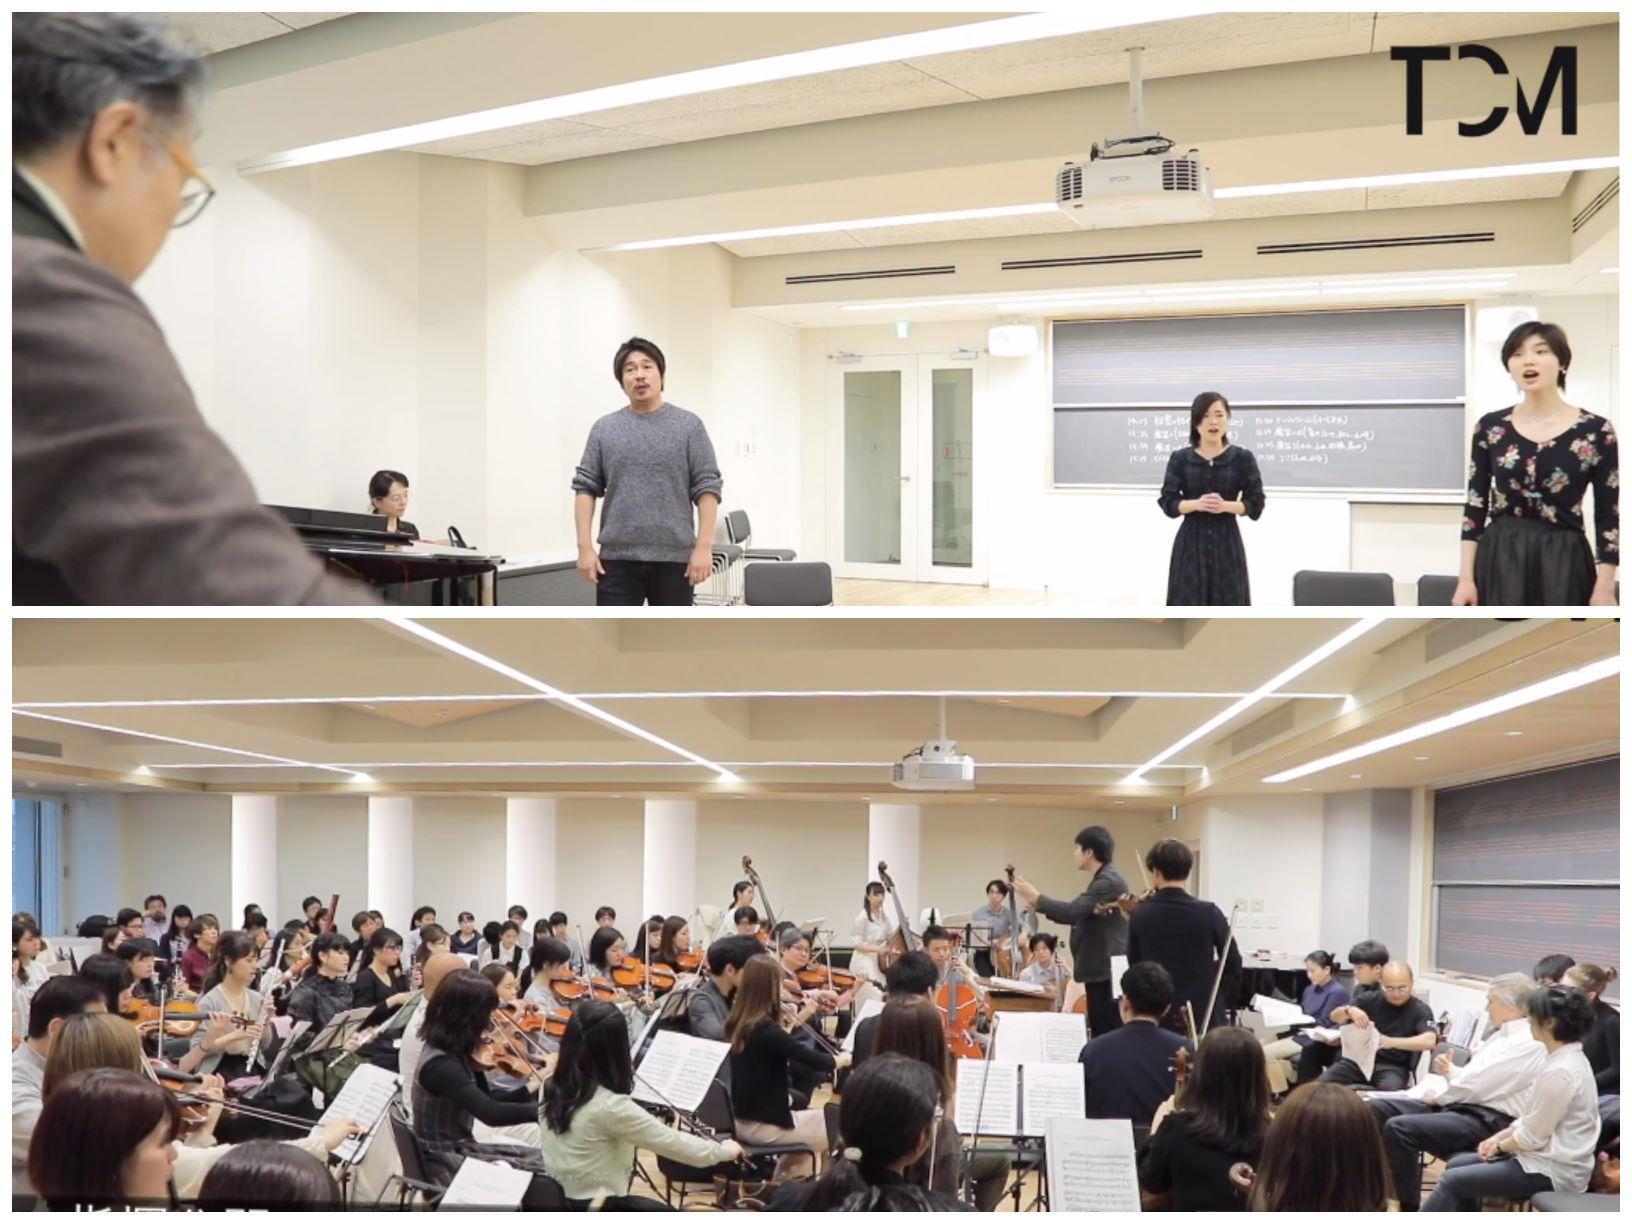 声楽専攻と作曲指揮専攻の授業ムービーを2本アップしました